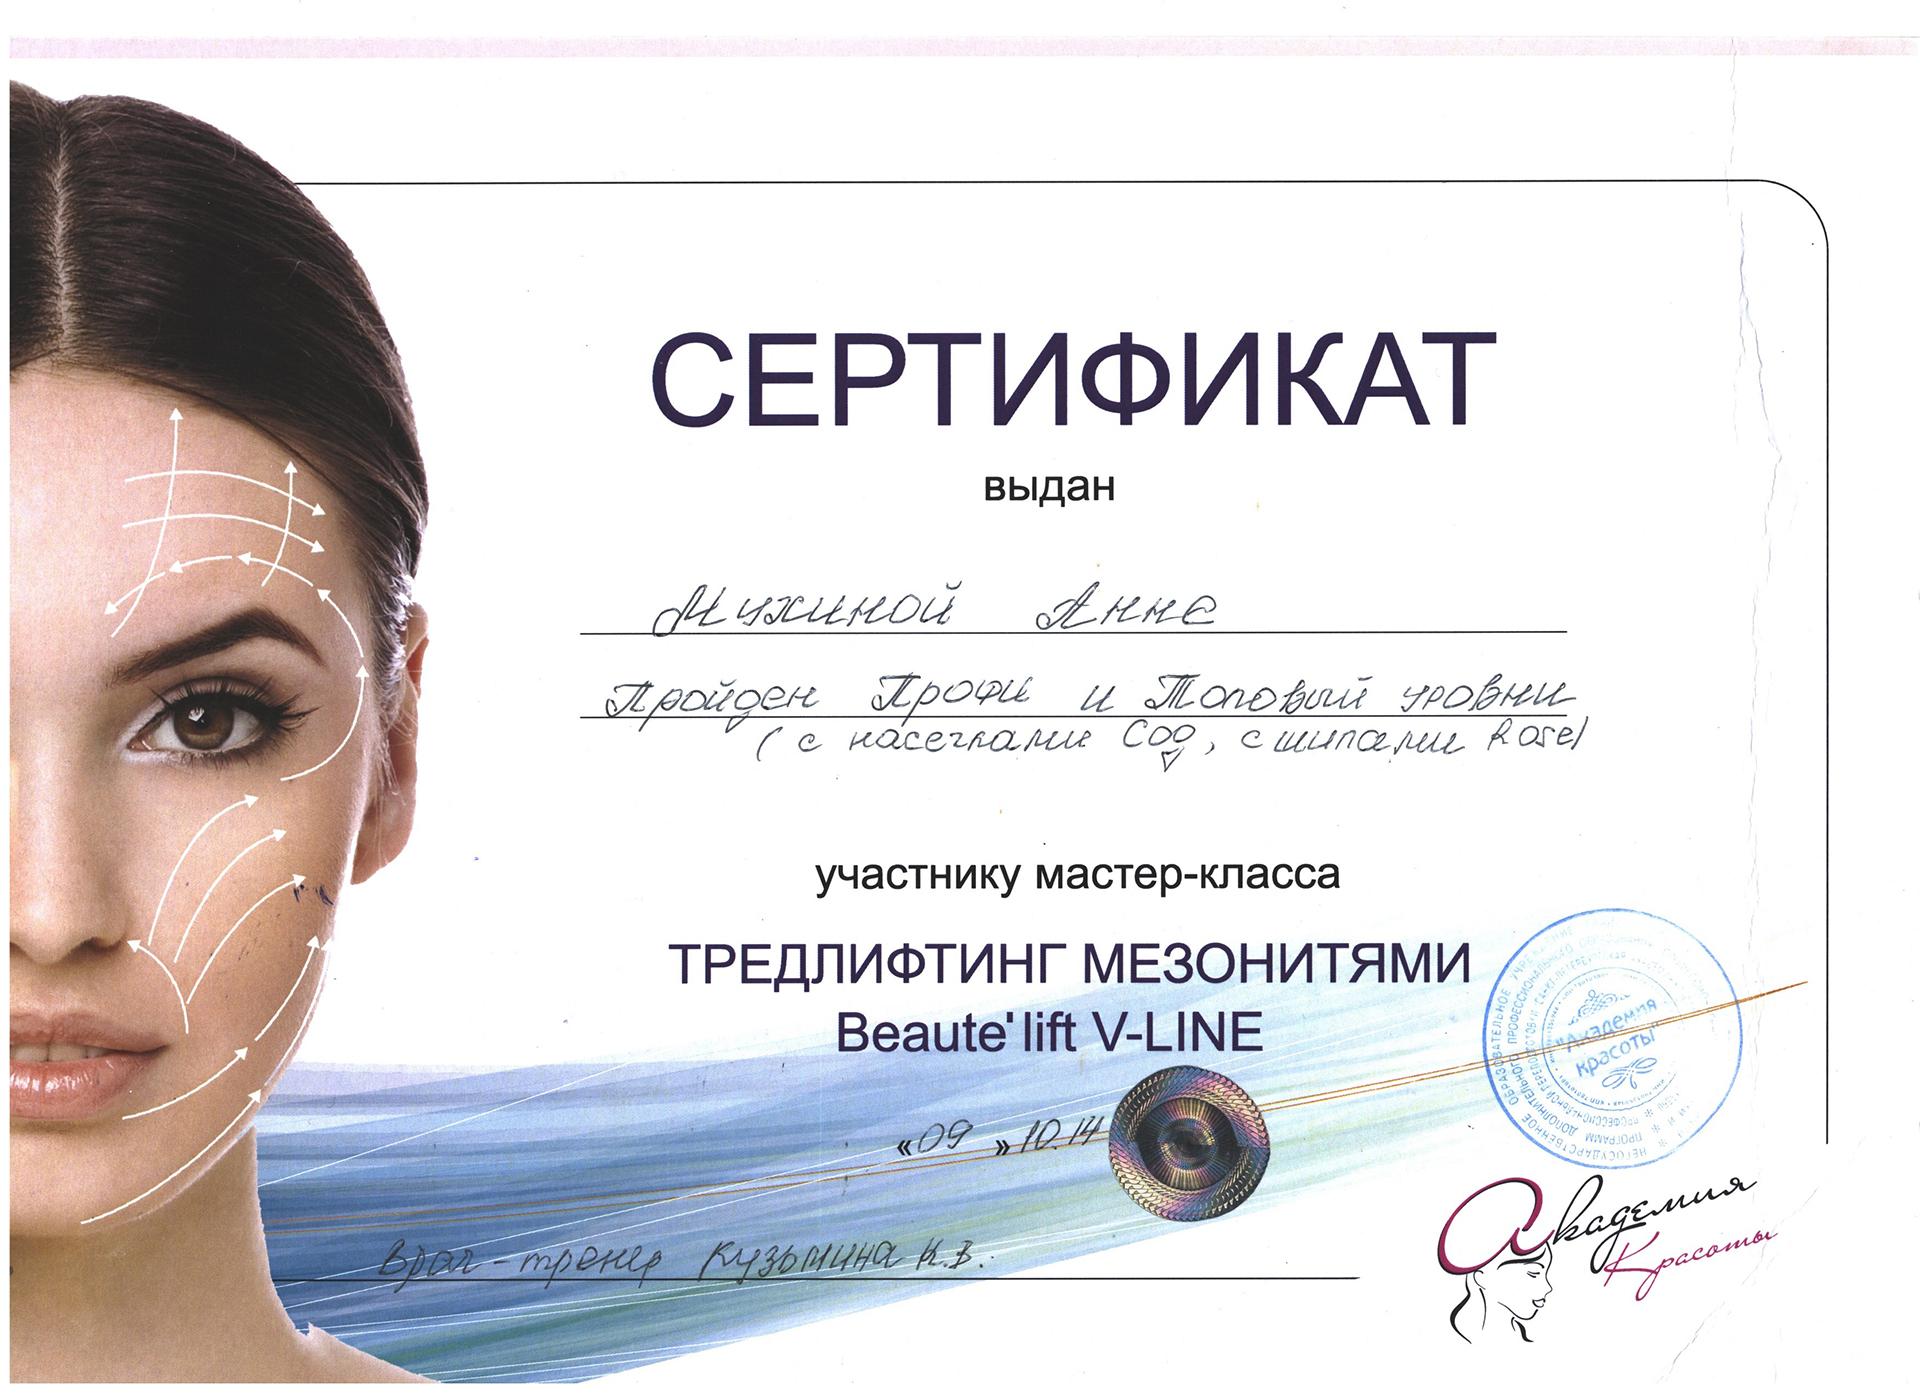 Сертификат — Мастер-класс Тредлифтинг мезонитями. Мухина Анна Михайловна